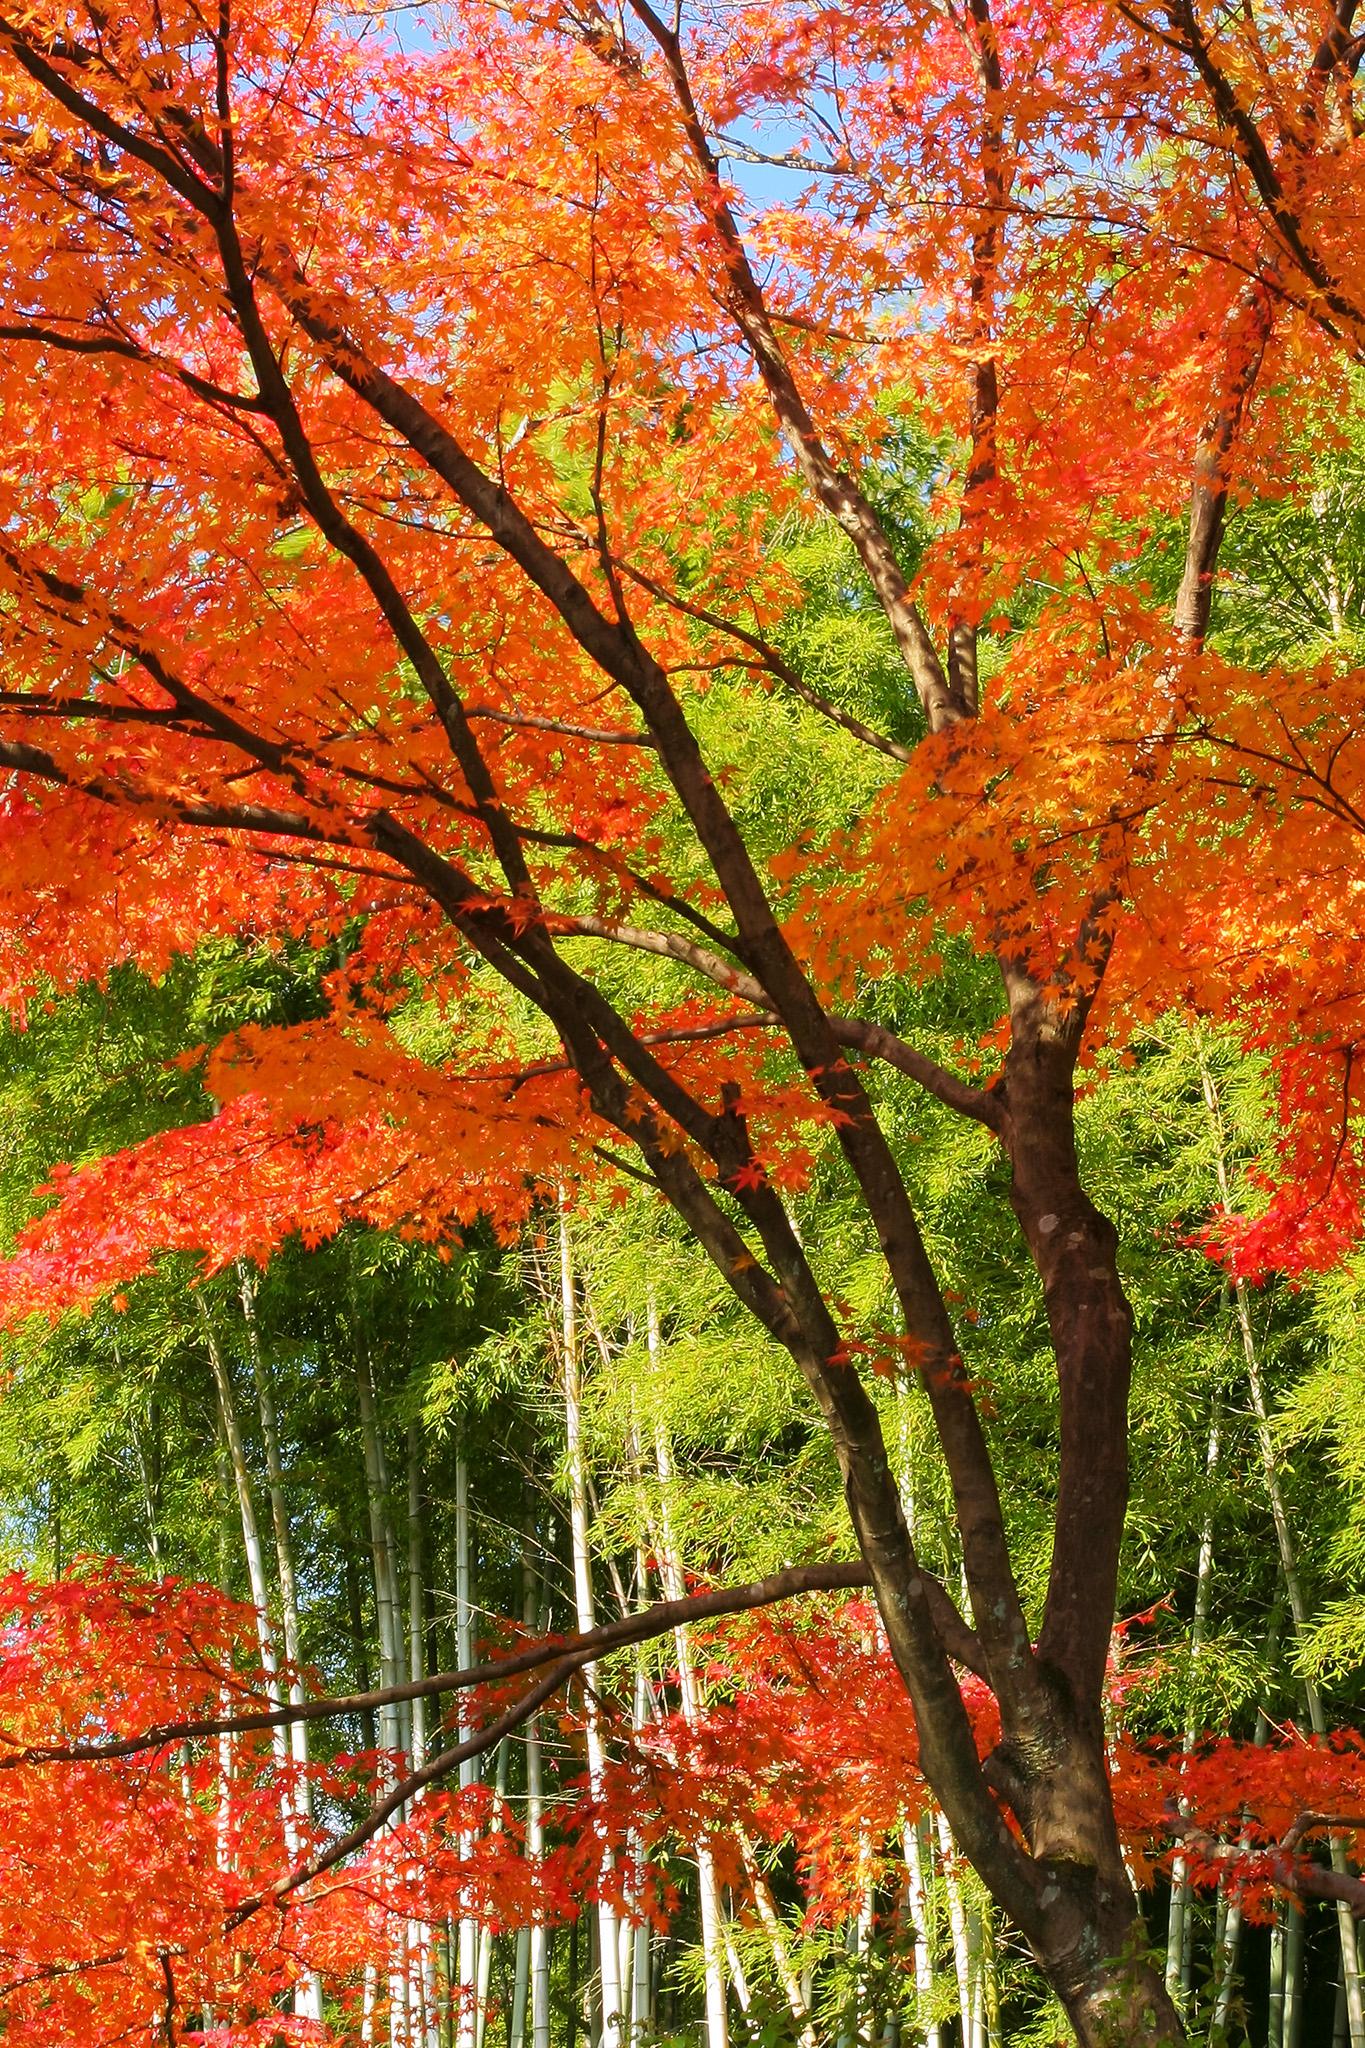 「紅葉と竹林の和風風景」の画像を無料ダウンロード